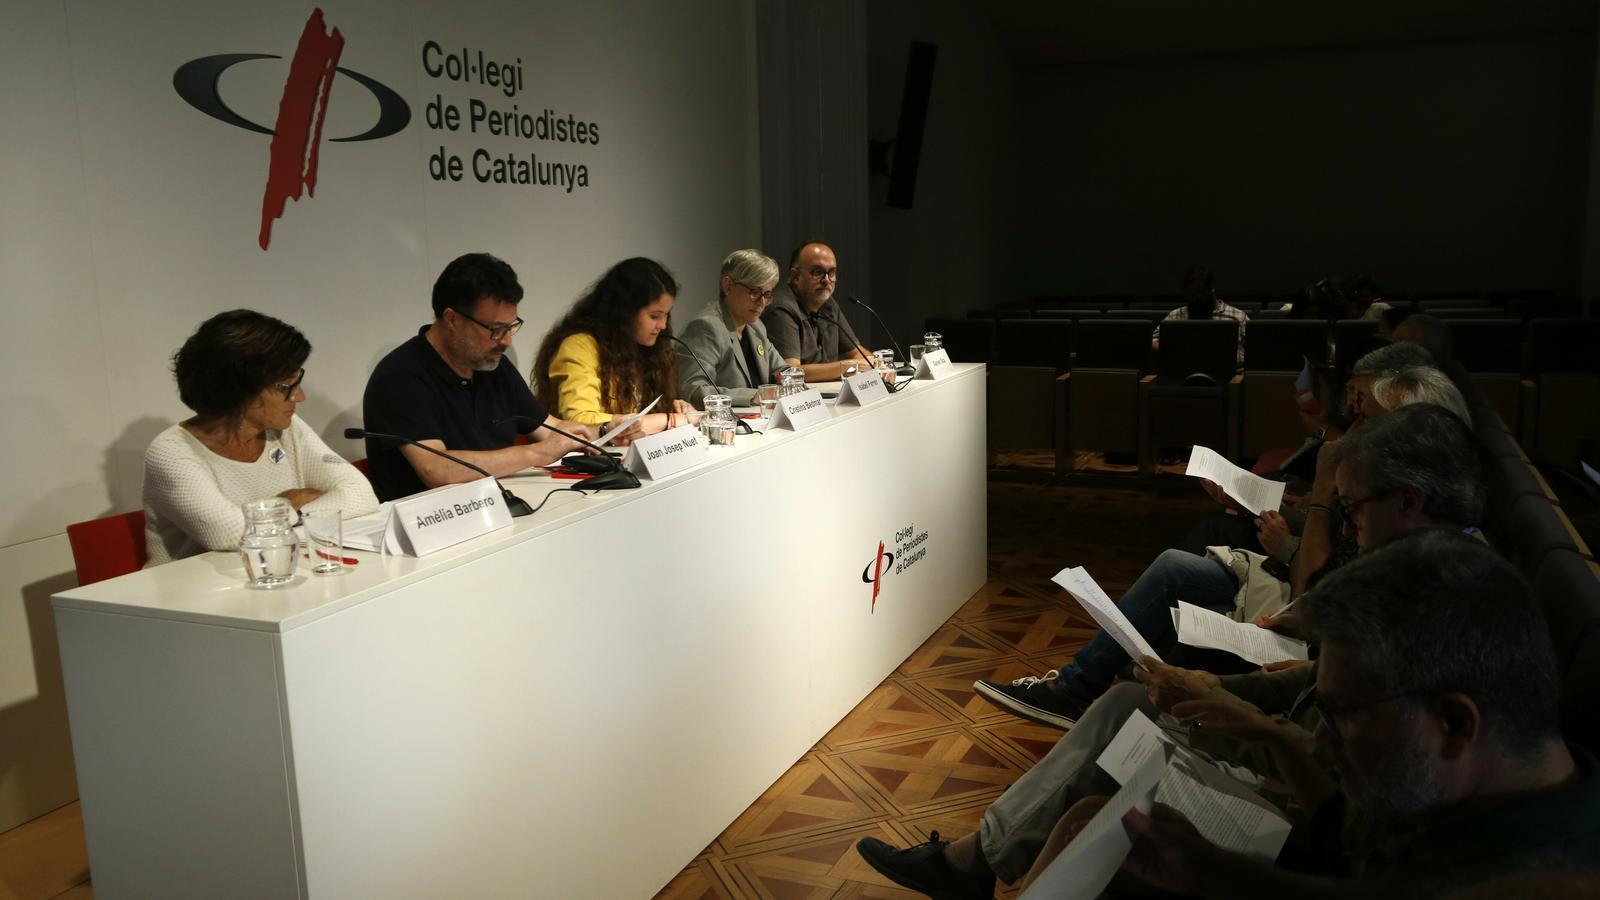 La convenció al Col·legi de Periodistes